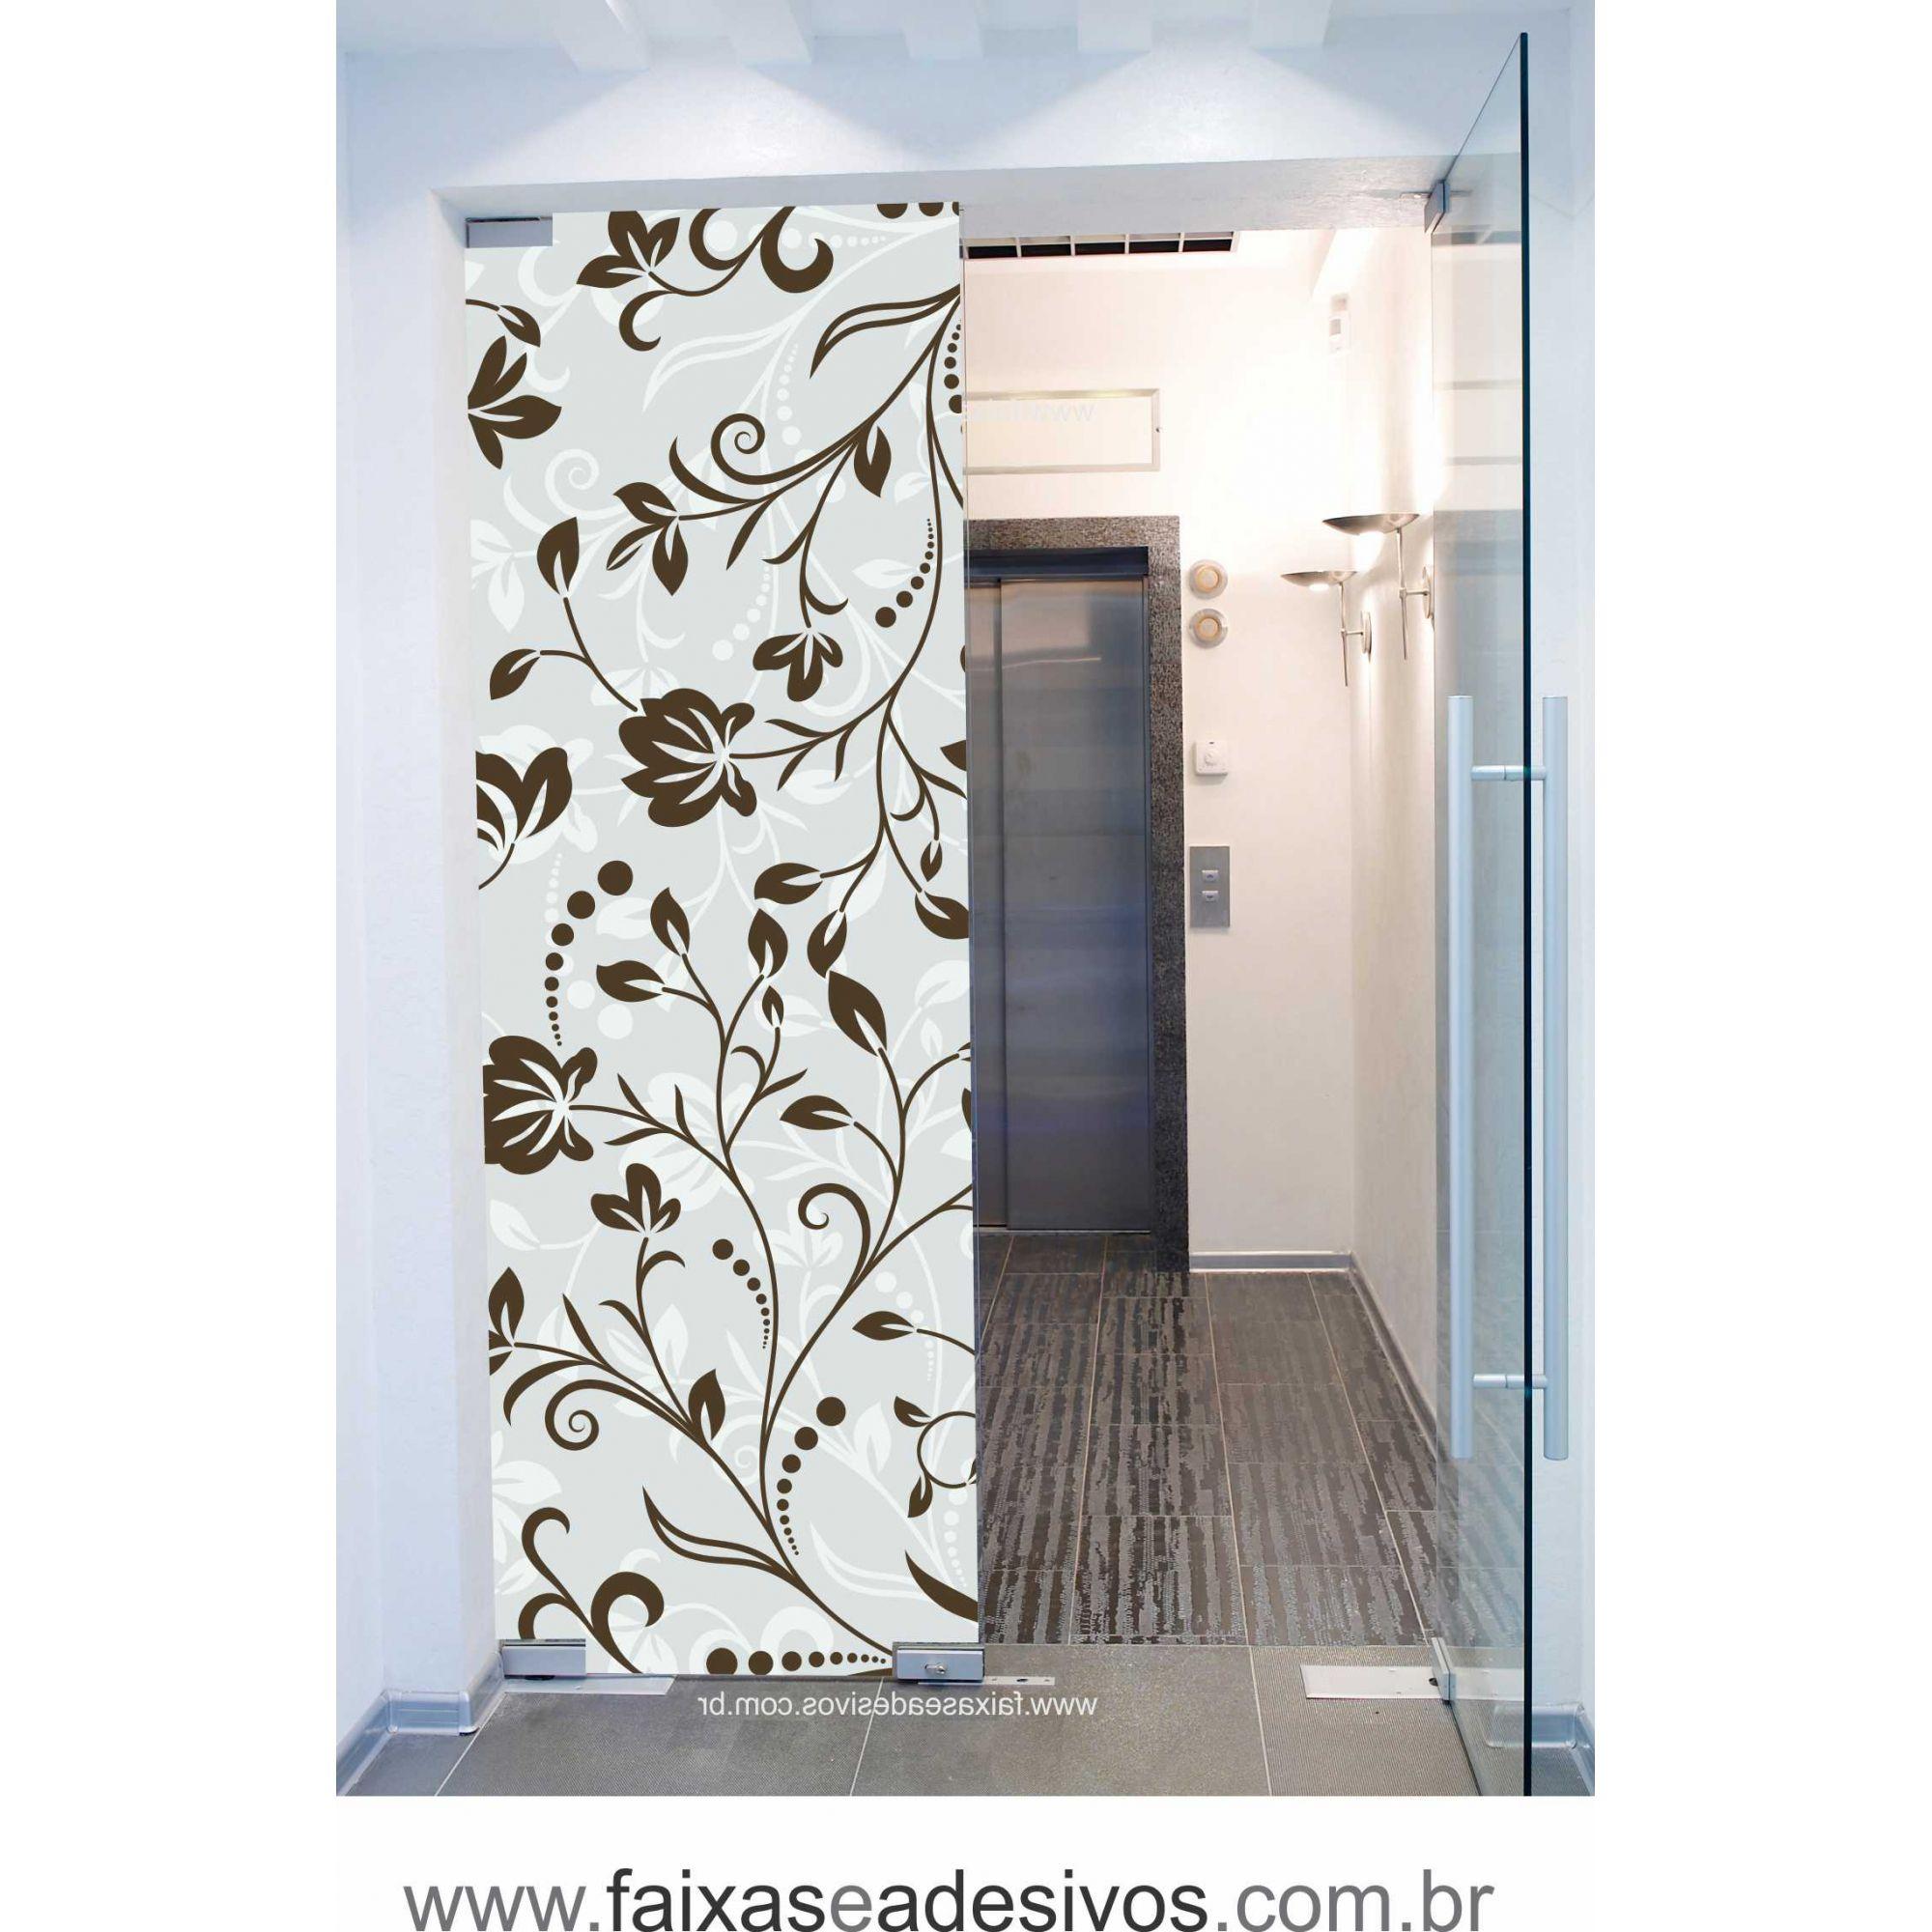 070 VD - Adesivo Jateado para vidro Floral grande  210x70cm  - Fac Signs